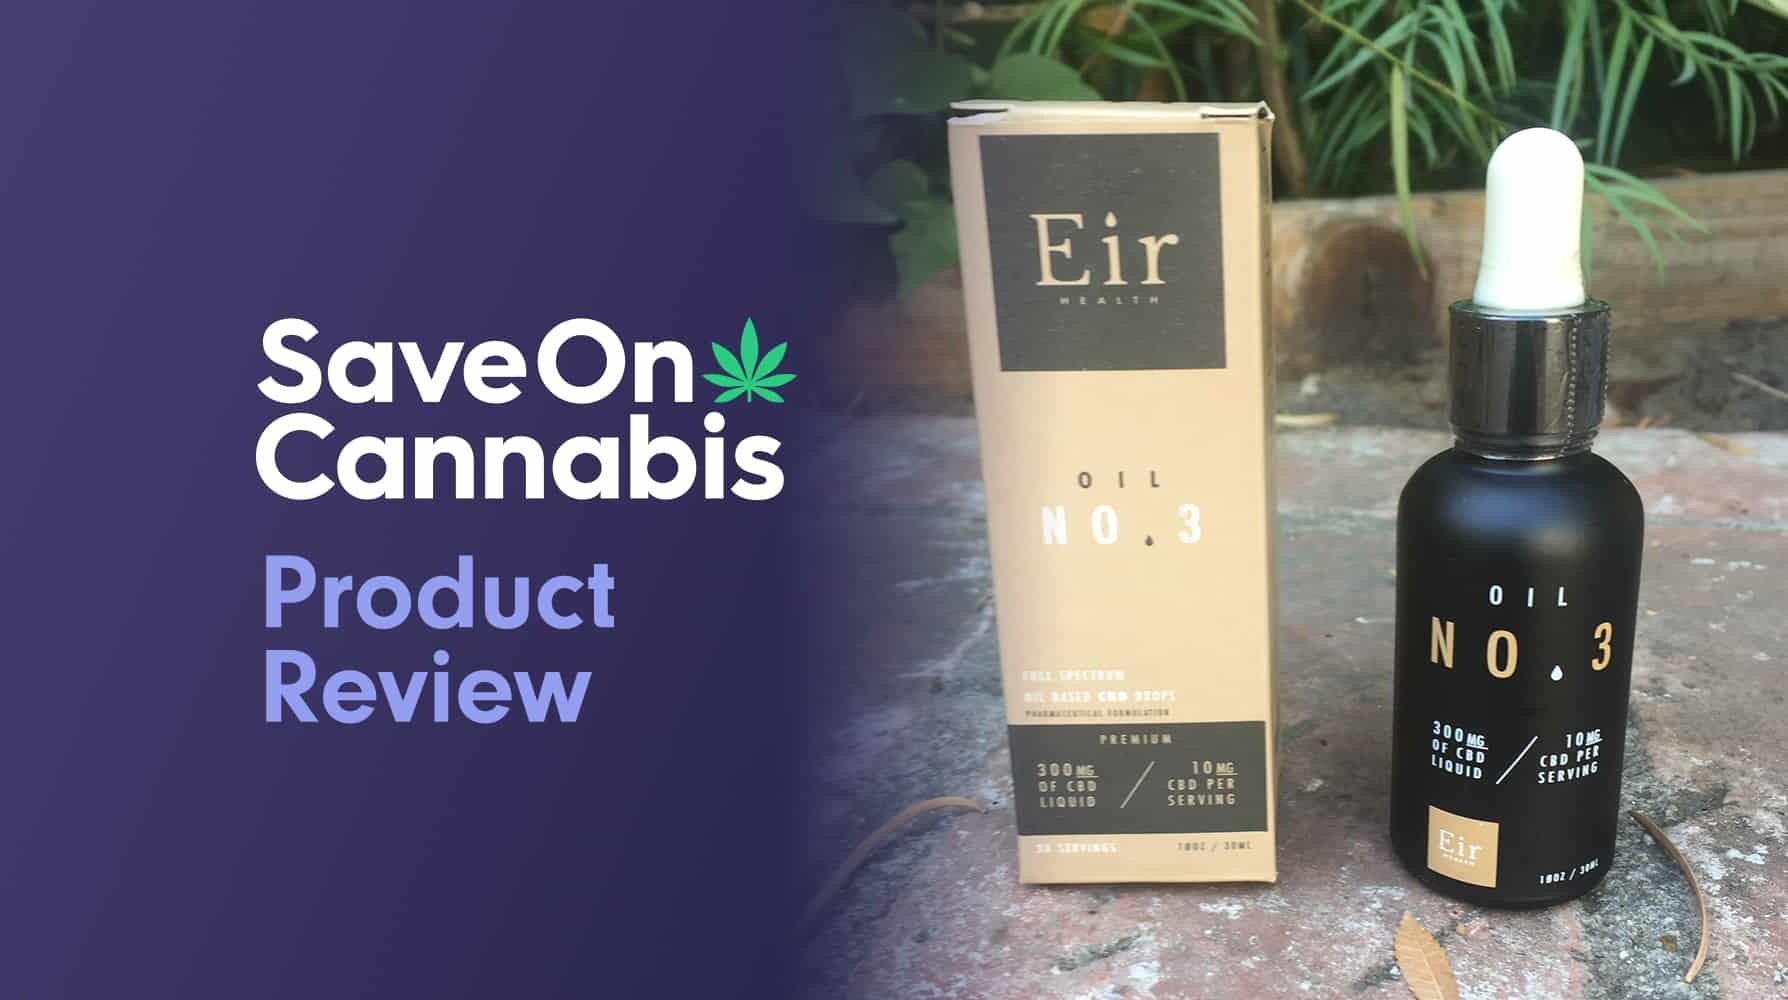 Eir Health CBD Hemp Extract review save on cannabis Website